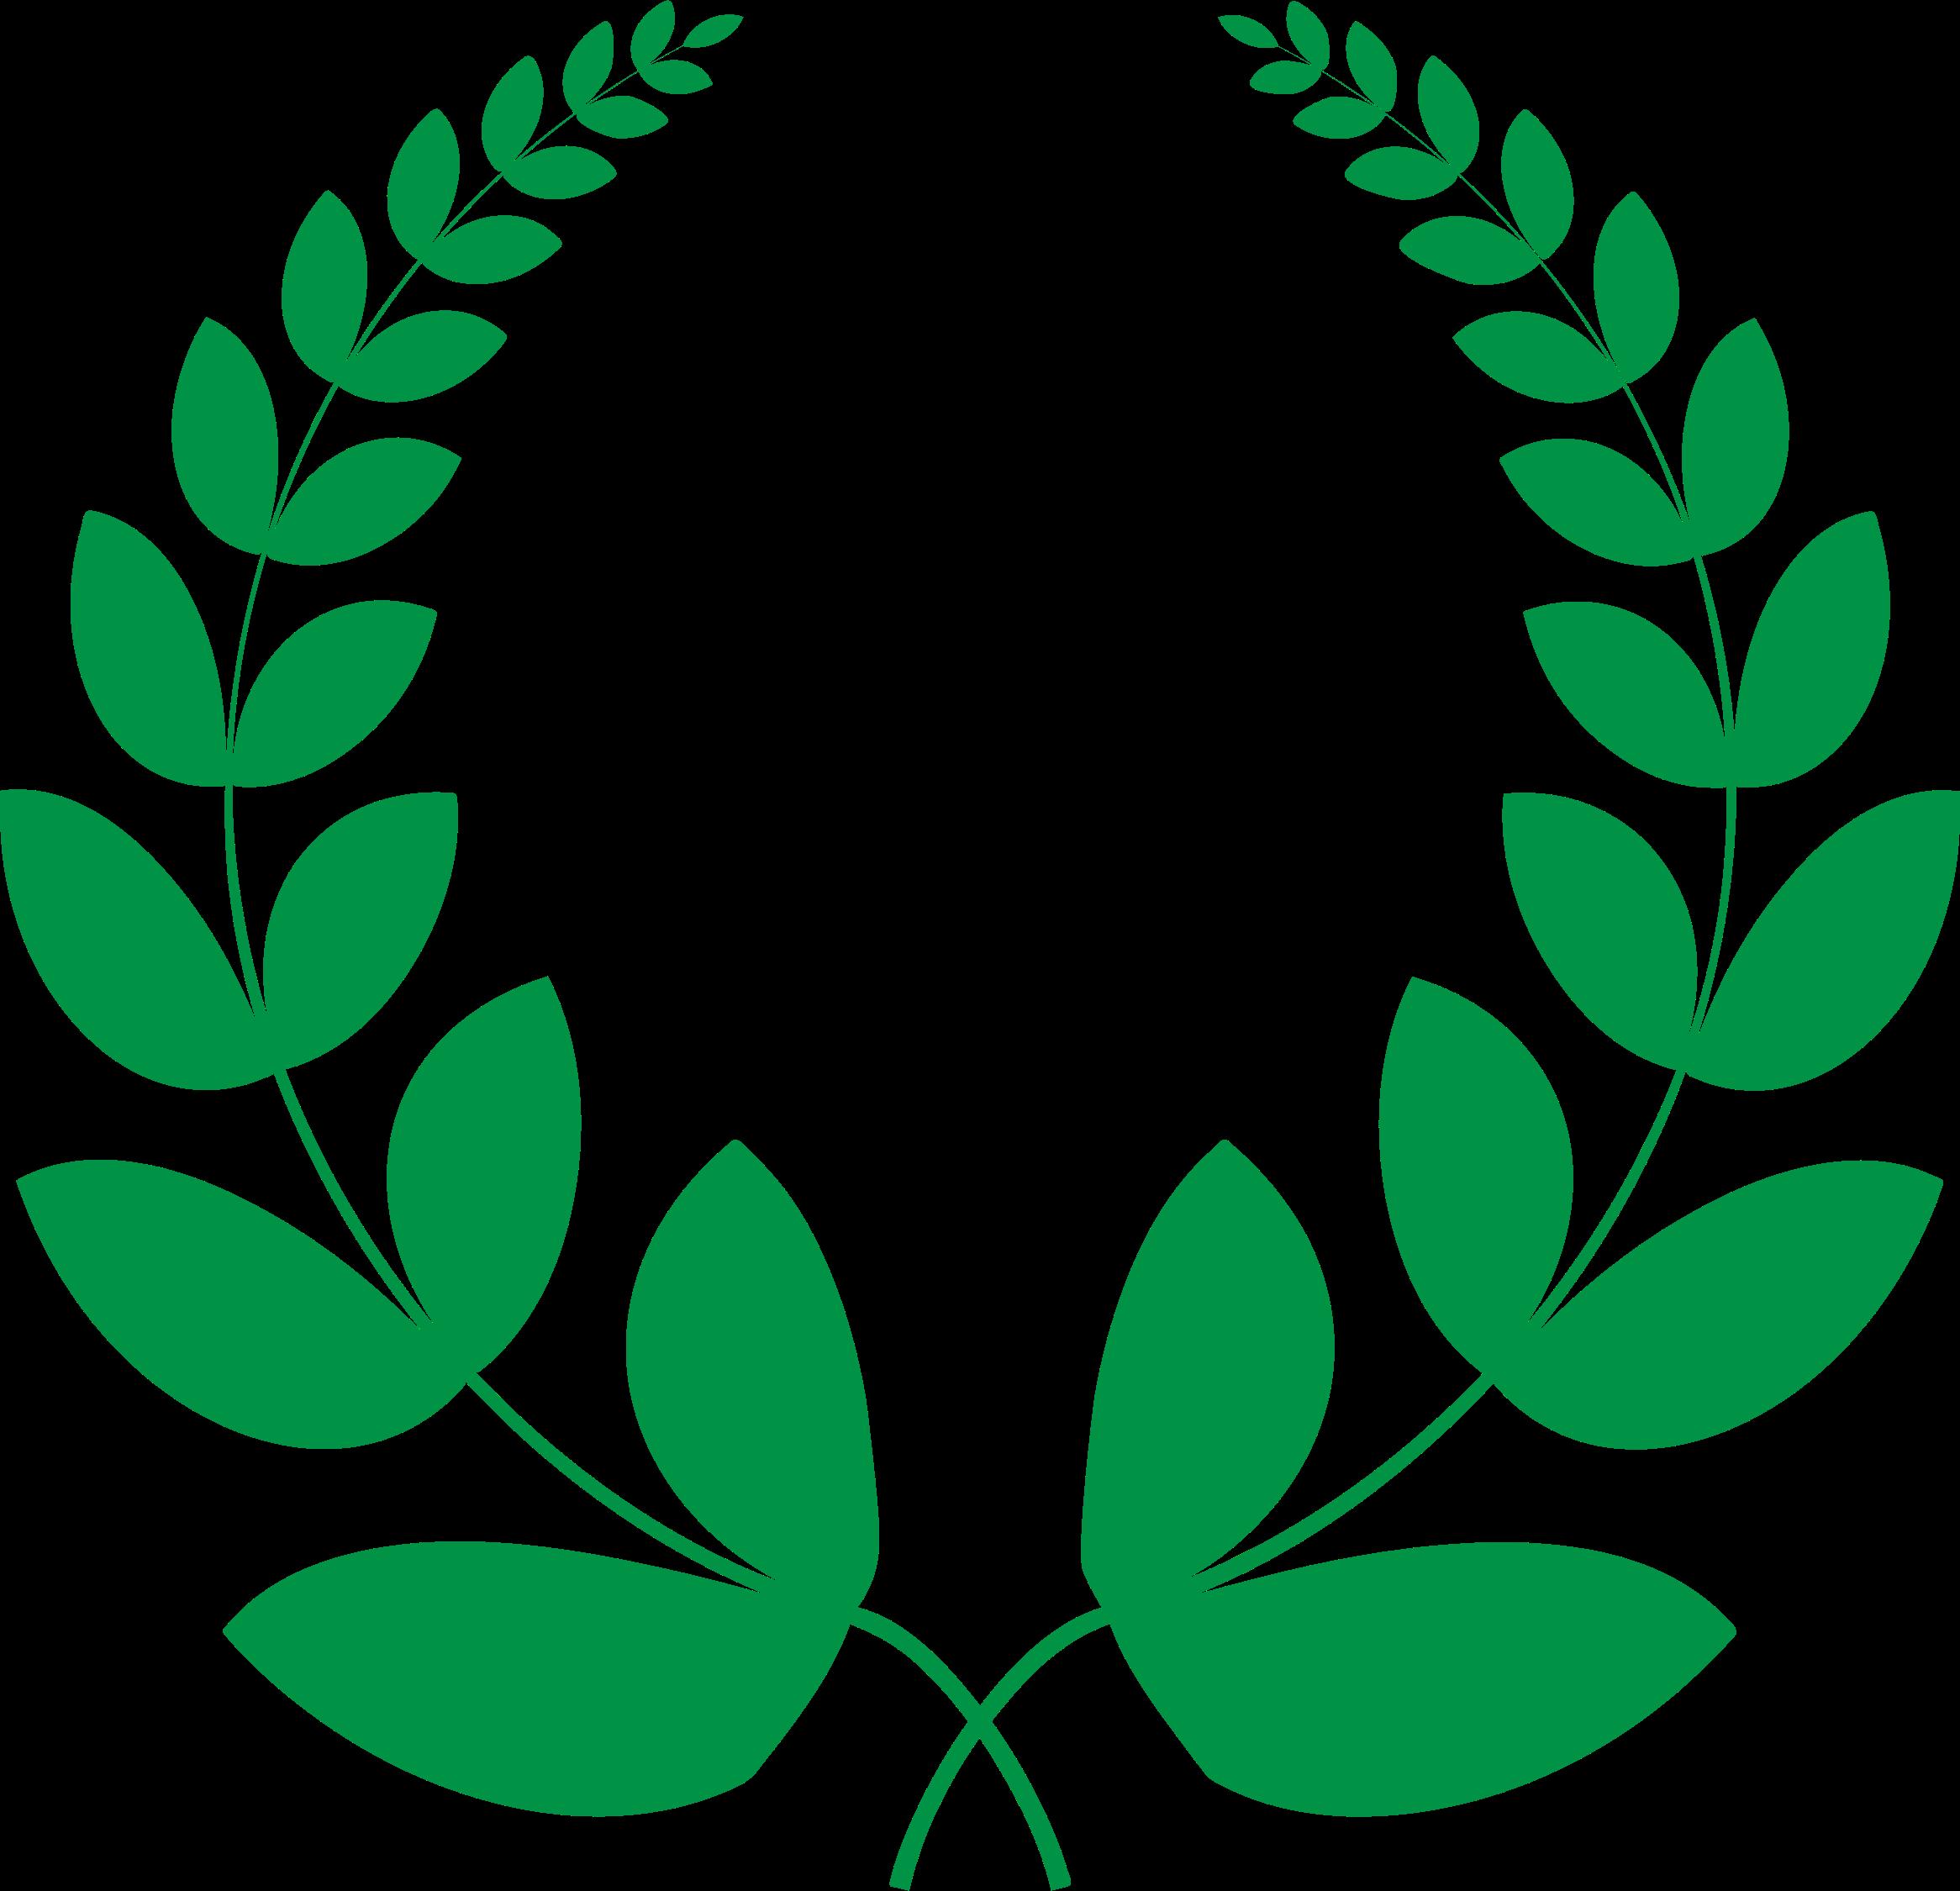 Laurel clipart green. Wreath big image png